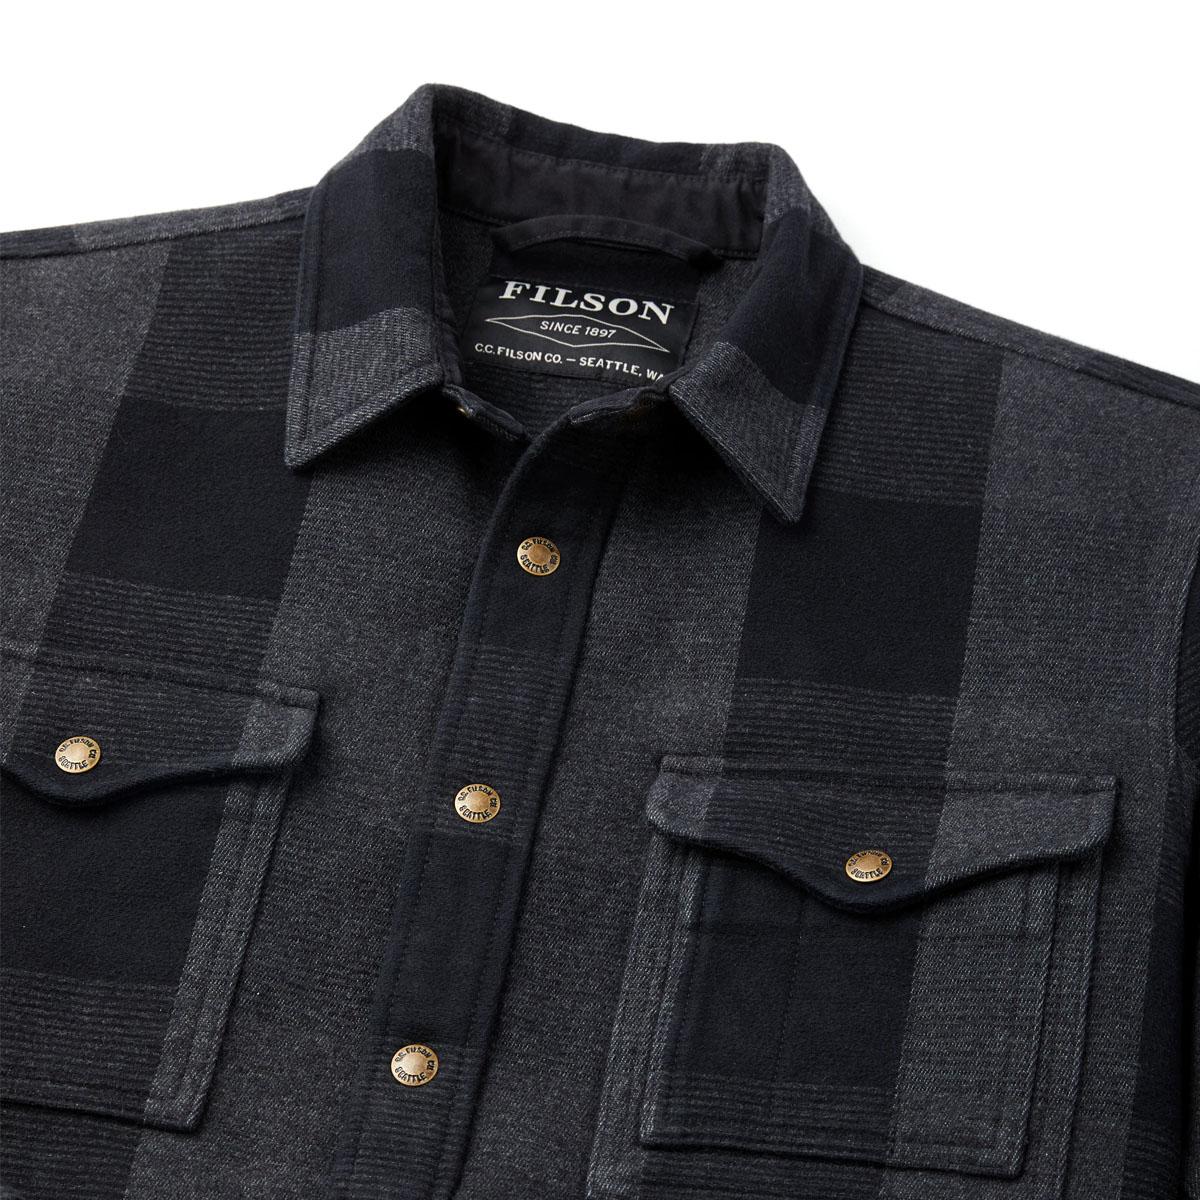 Filson Beartooth Camp Jacket Black/Gray Heather, Gefertigt aus dicker und warmer Double-Cloth-Baumwolle..